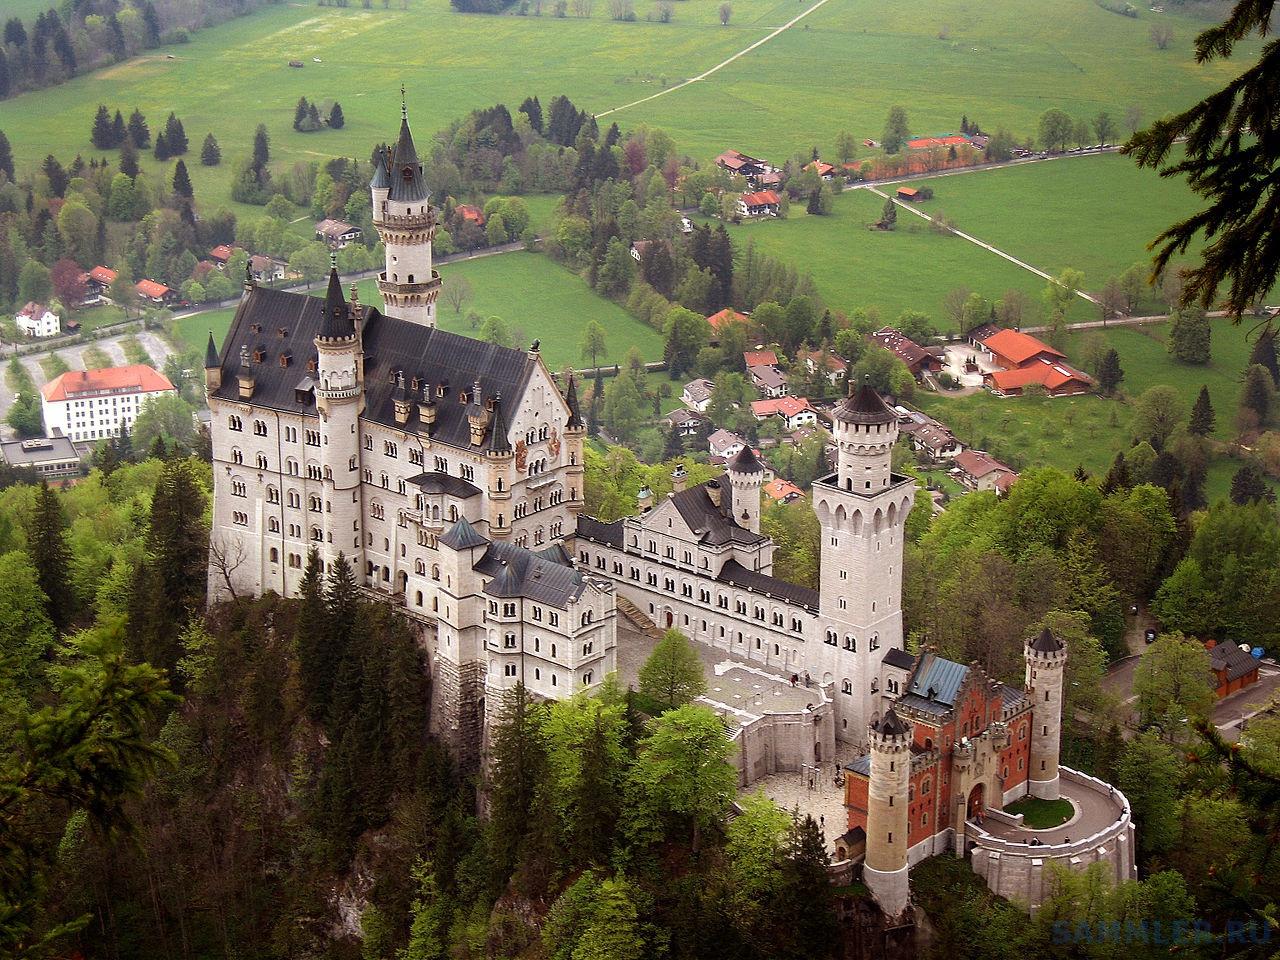 Neuschwanstein_castle (1).jpg